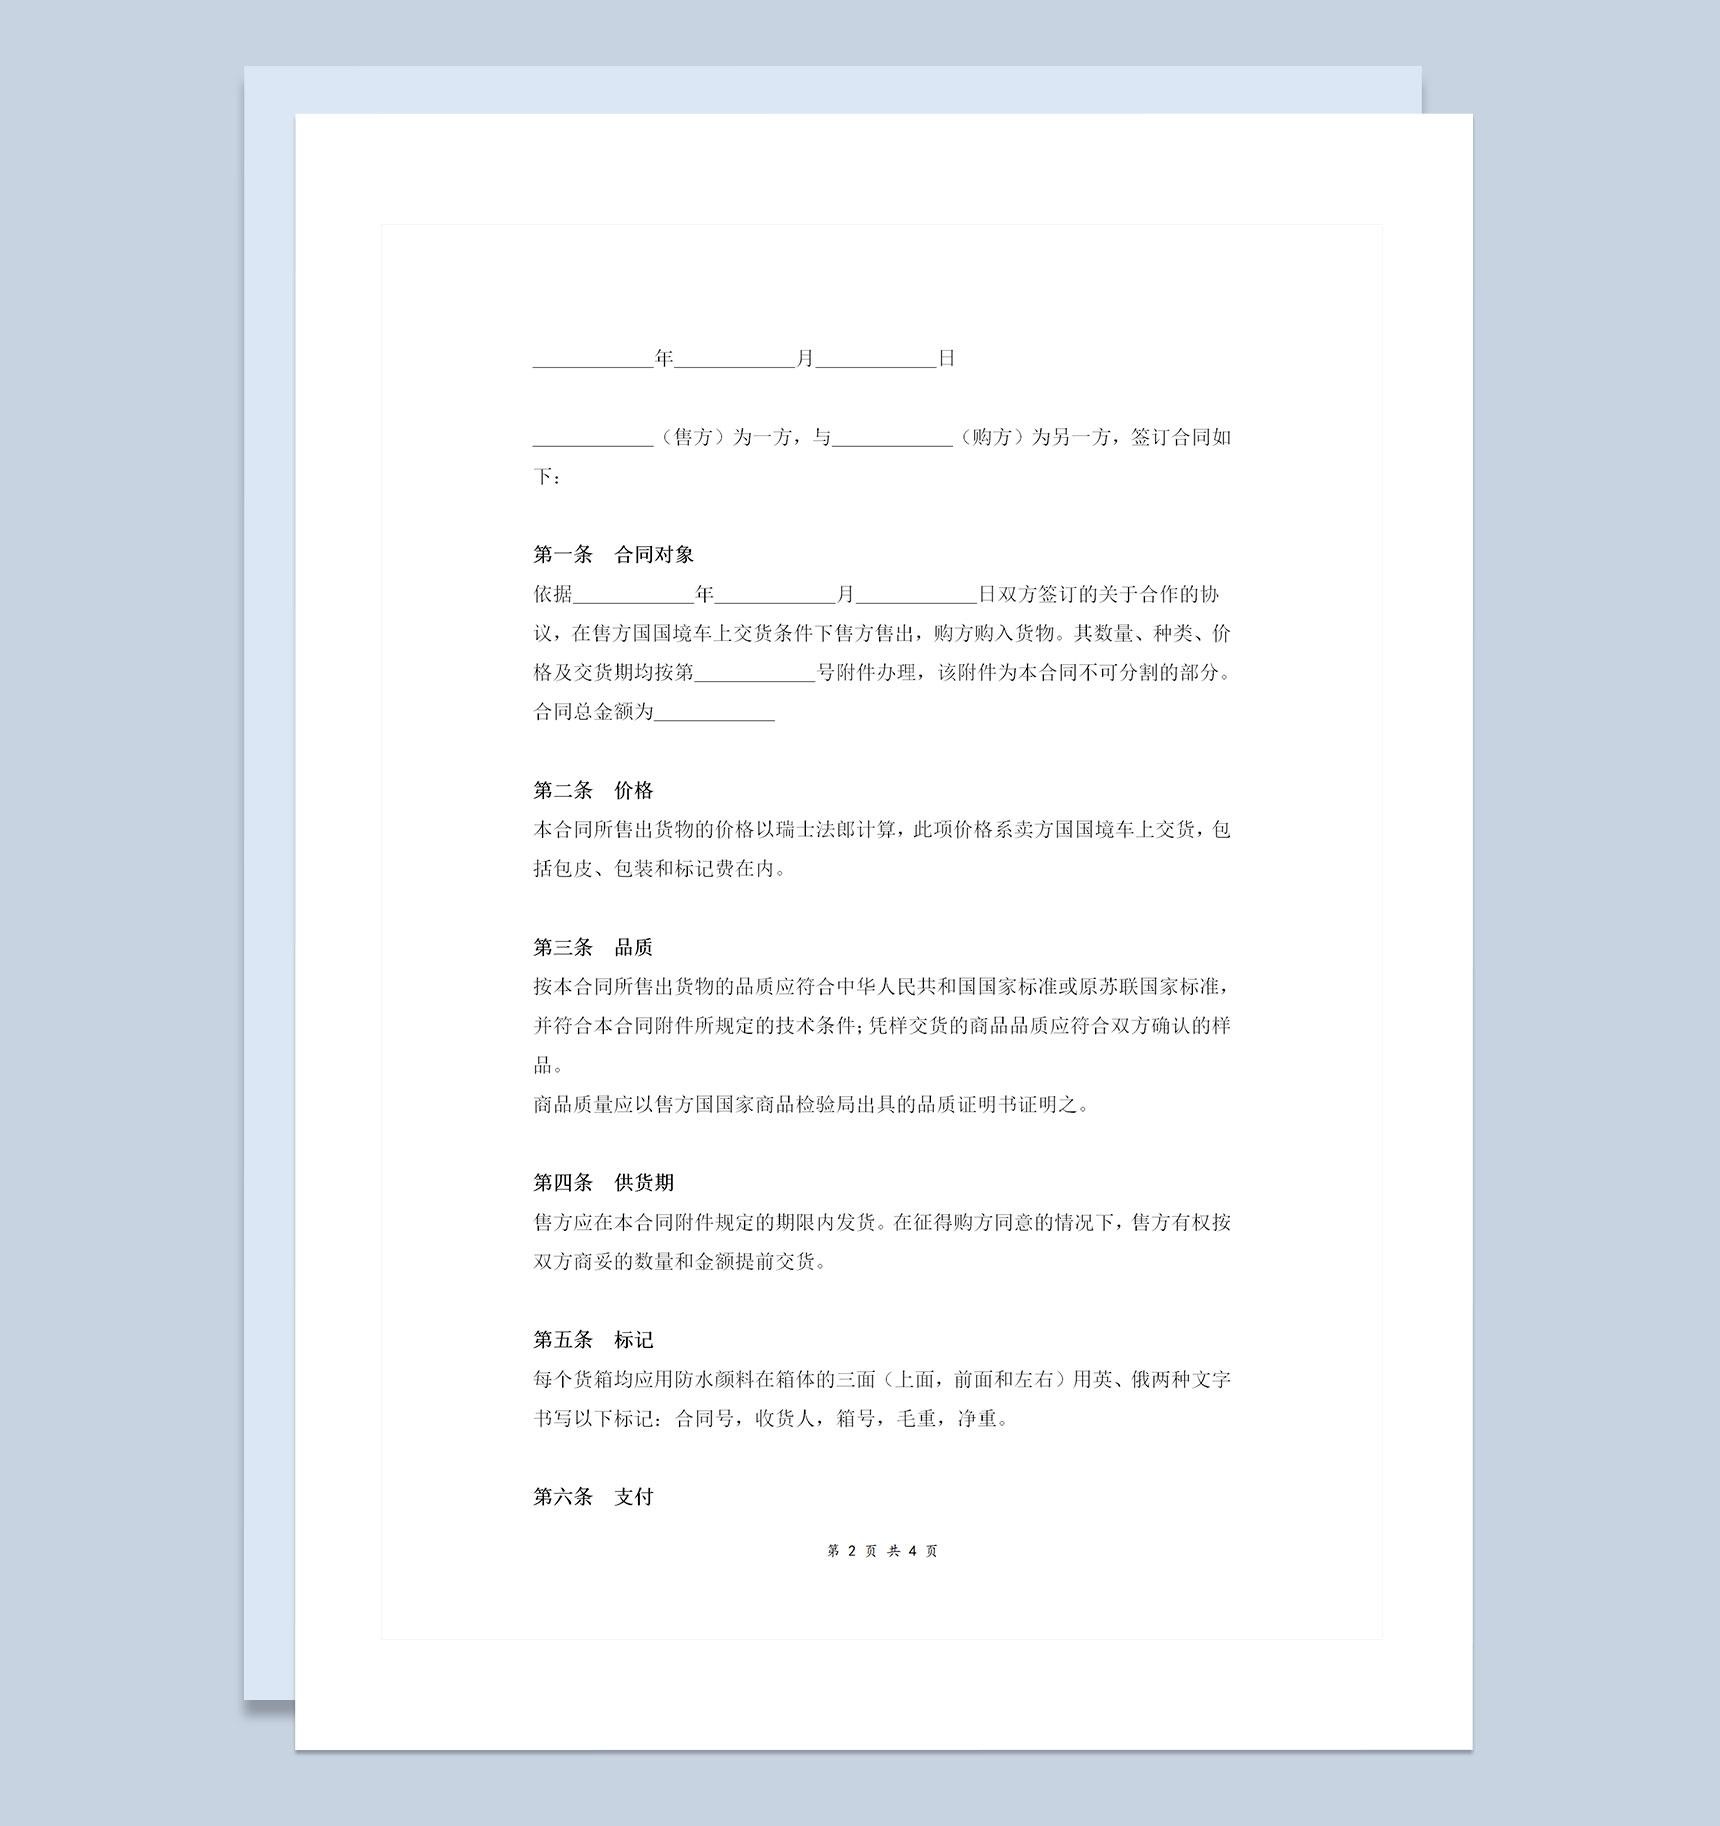 企业常用的标准版国际贸易<strong>合同</strong>协议书范本Word模板